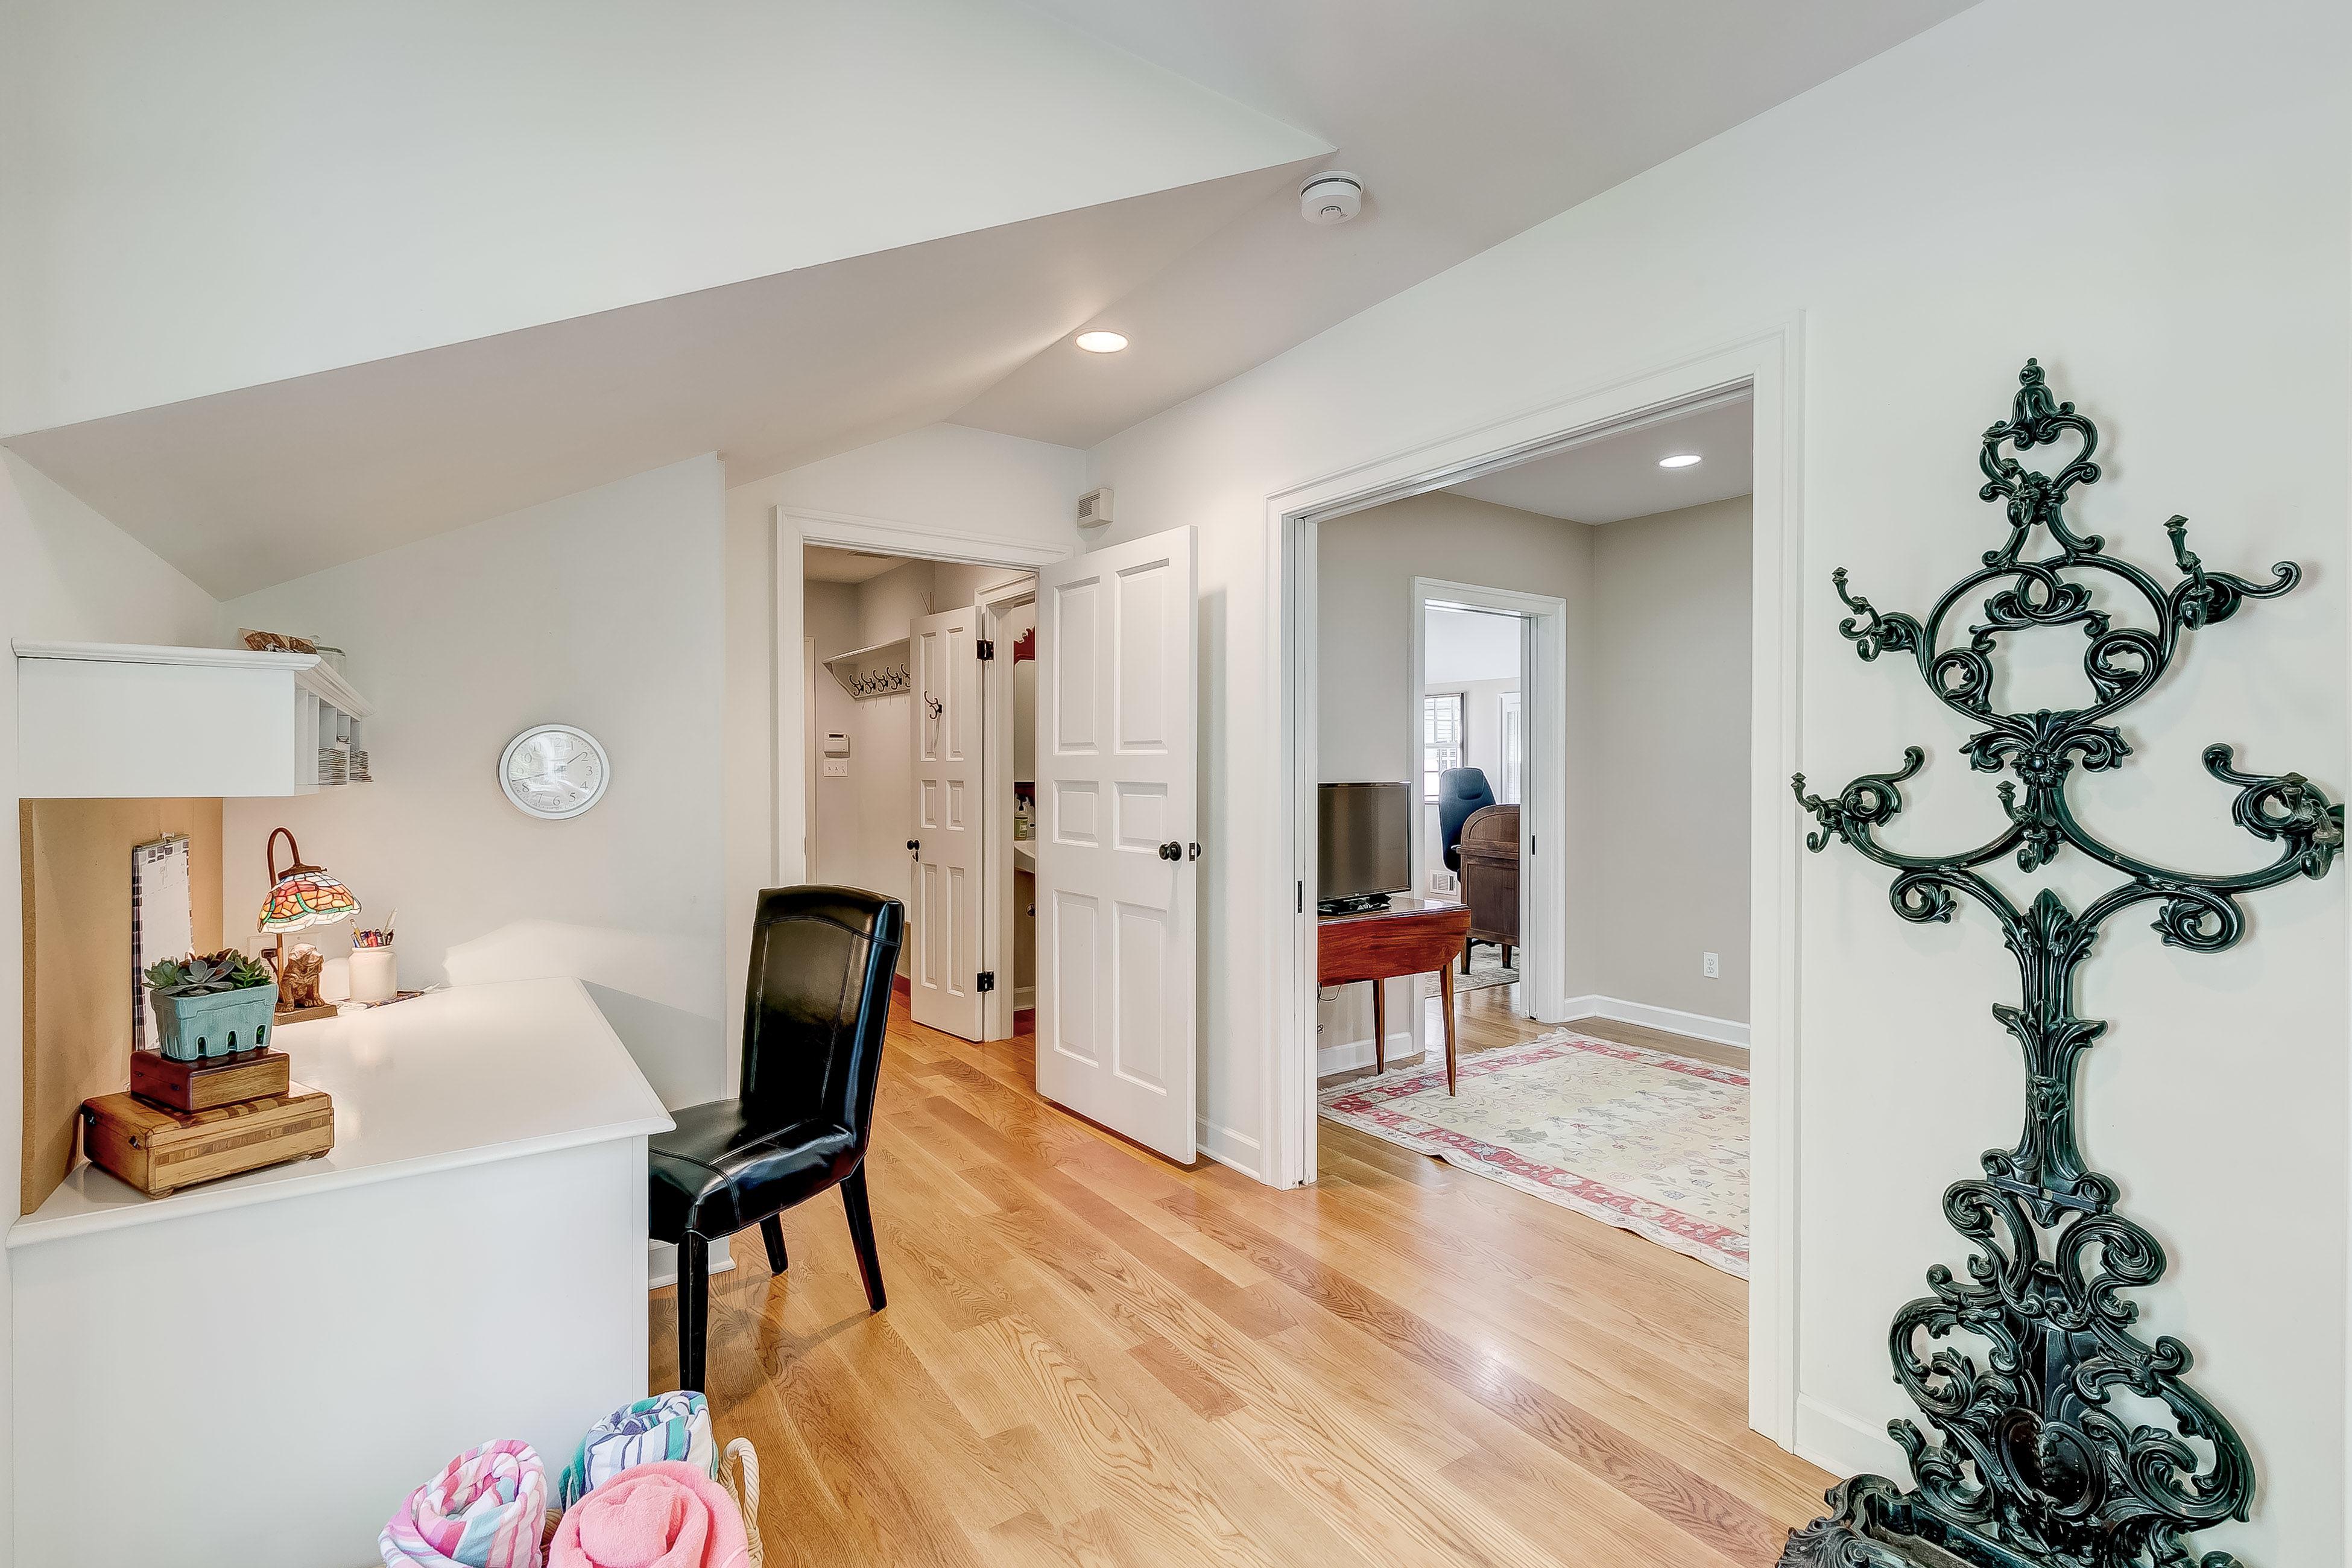 Door to in-law suite